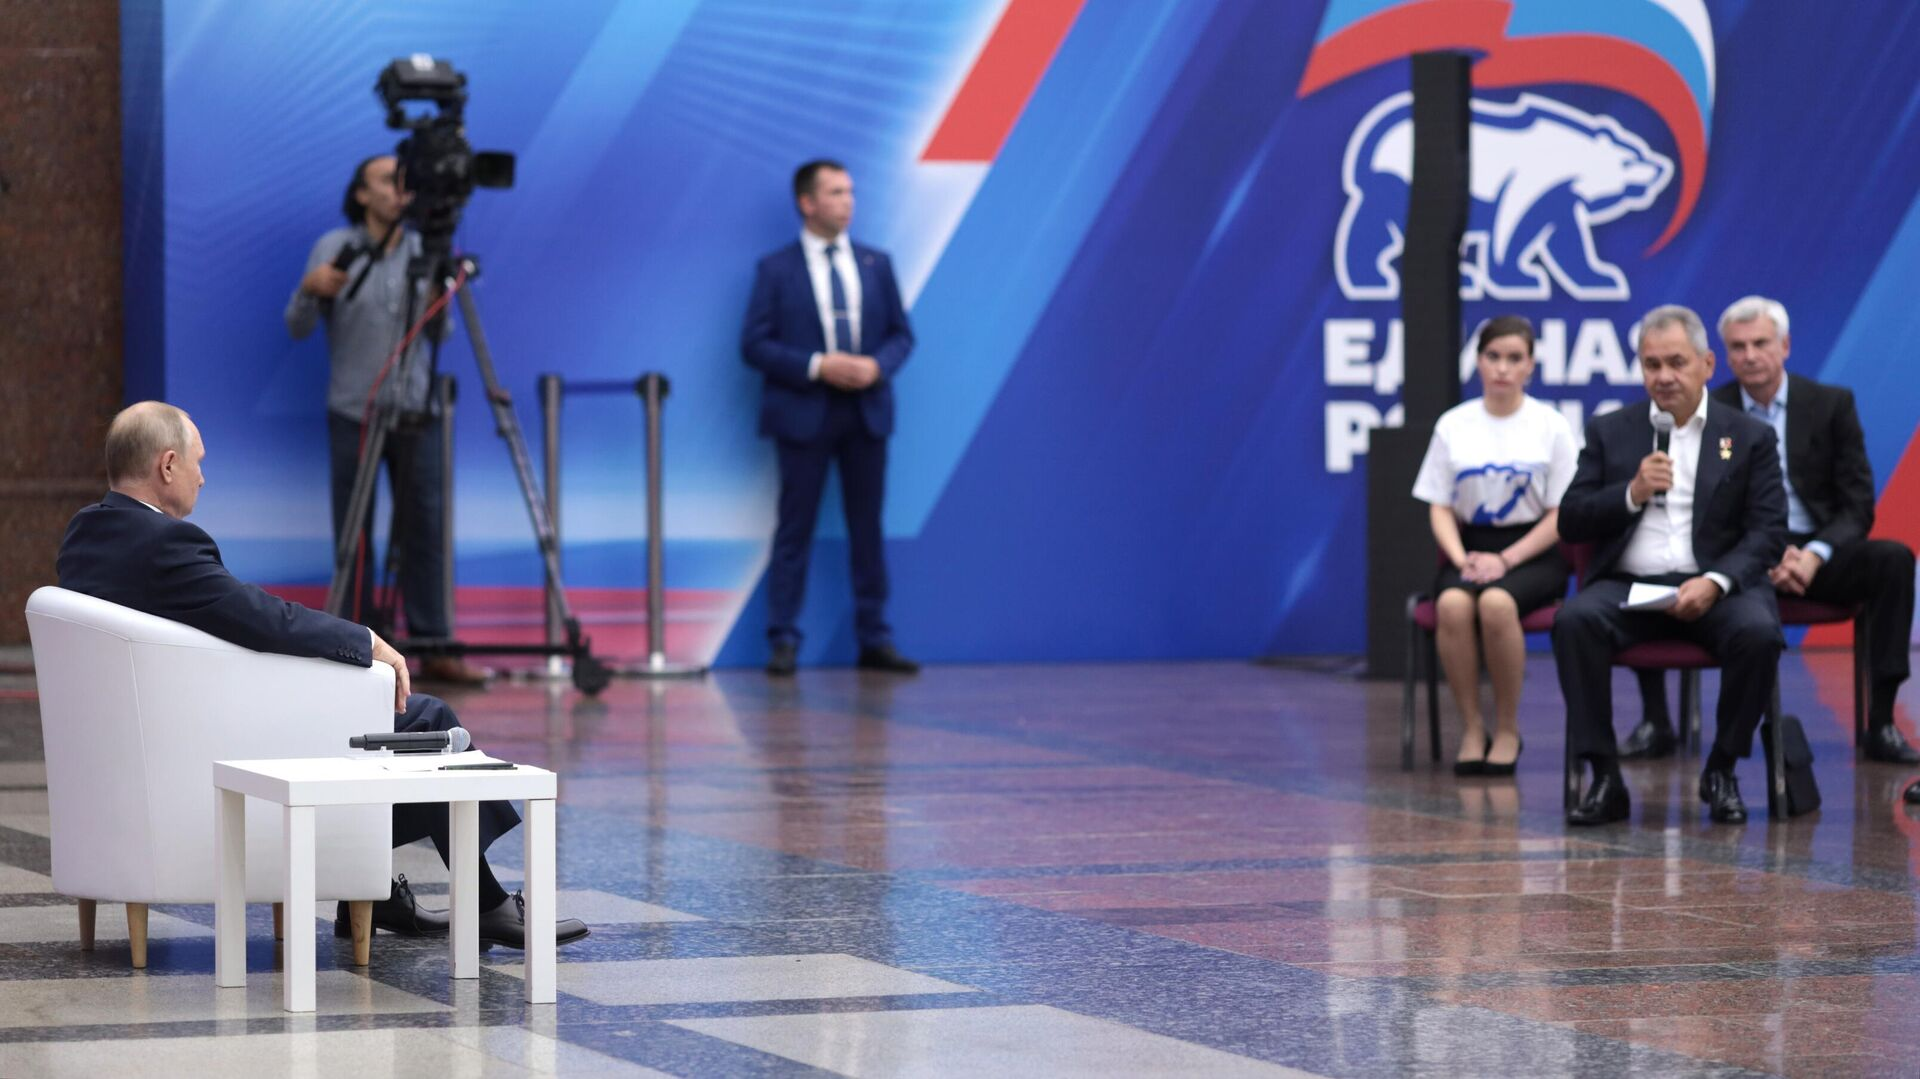 """Все обещания """"Единой России"""" должны быть реализуемыми, заявил Путин"""